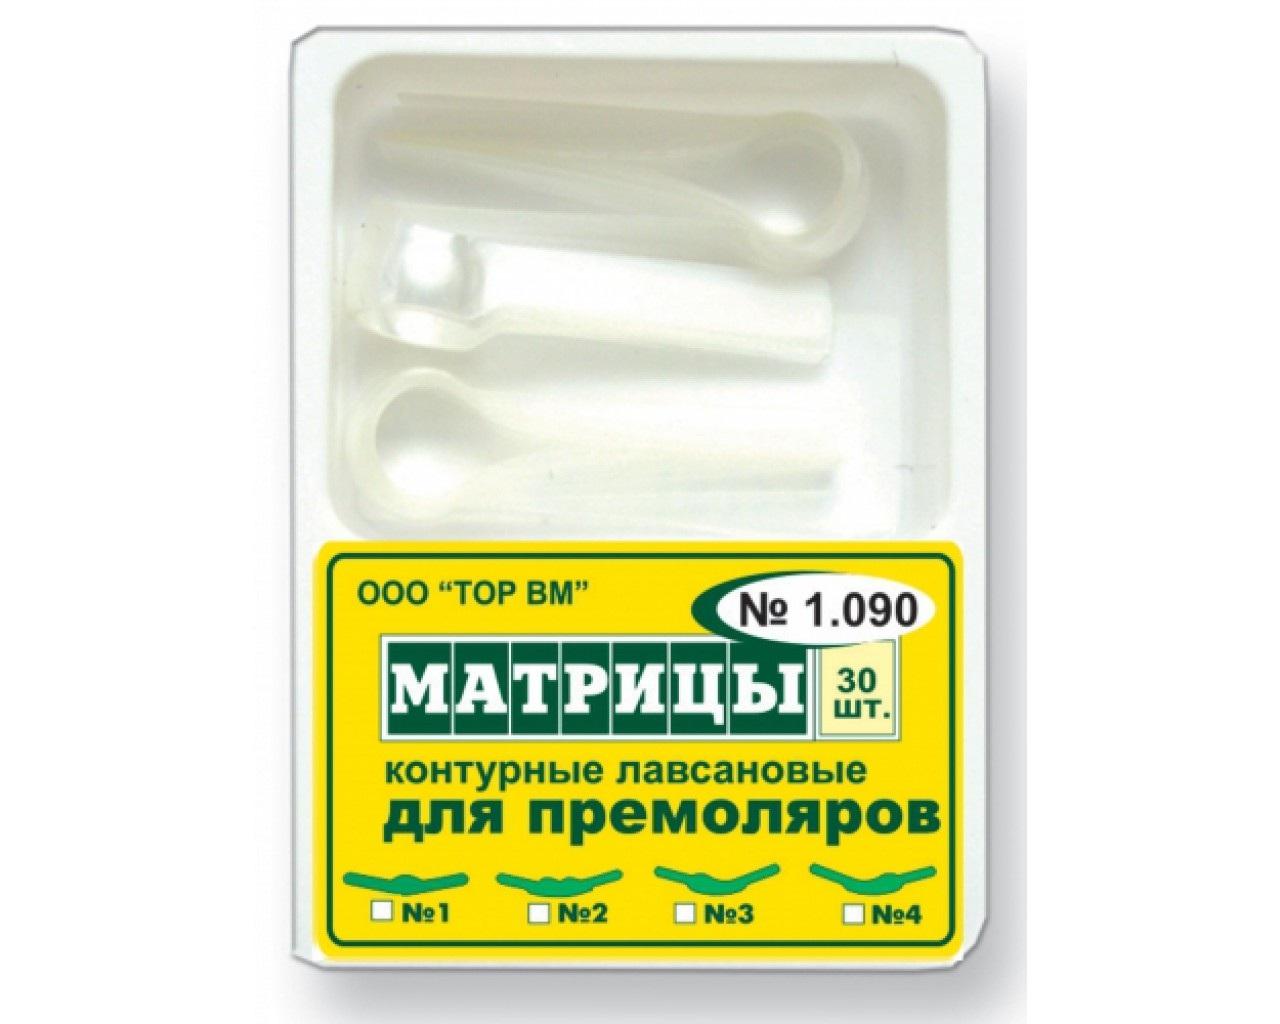 ТОР-1.090 Ф.4 Матрицы пластиковые контурные для премоляров выступ слева (30шт.)